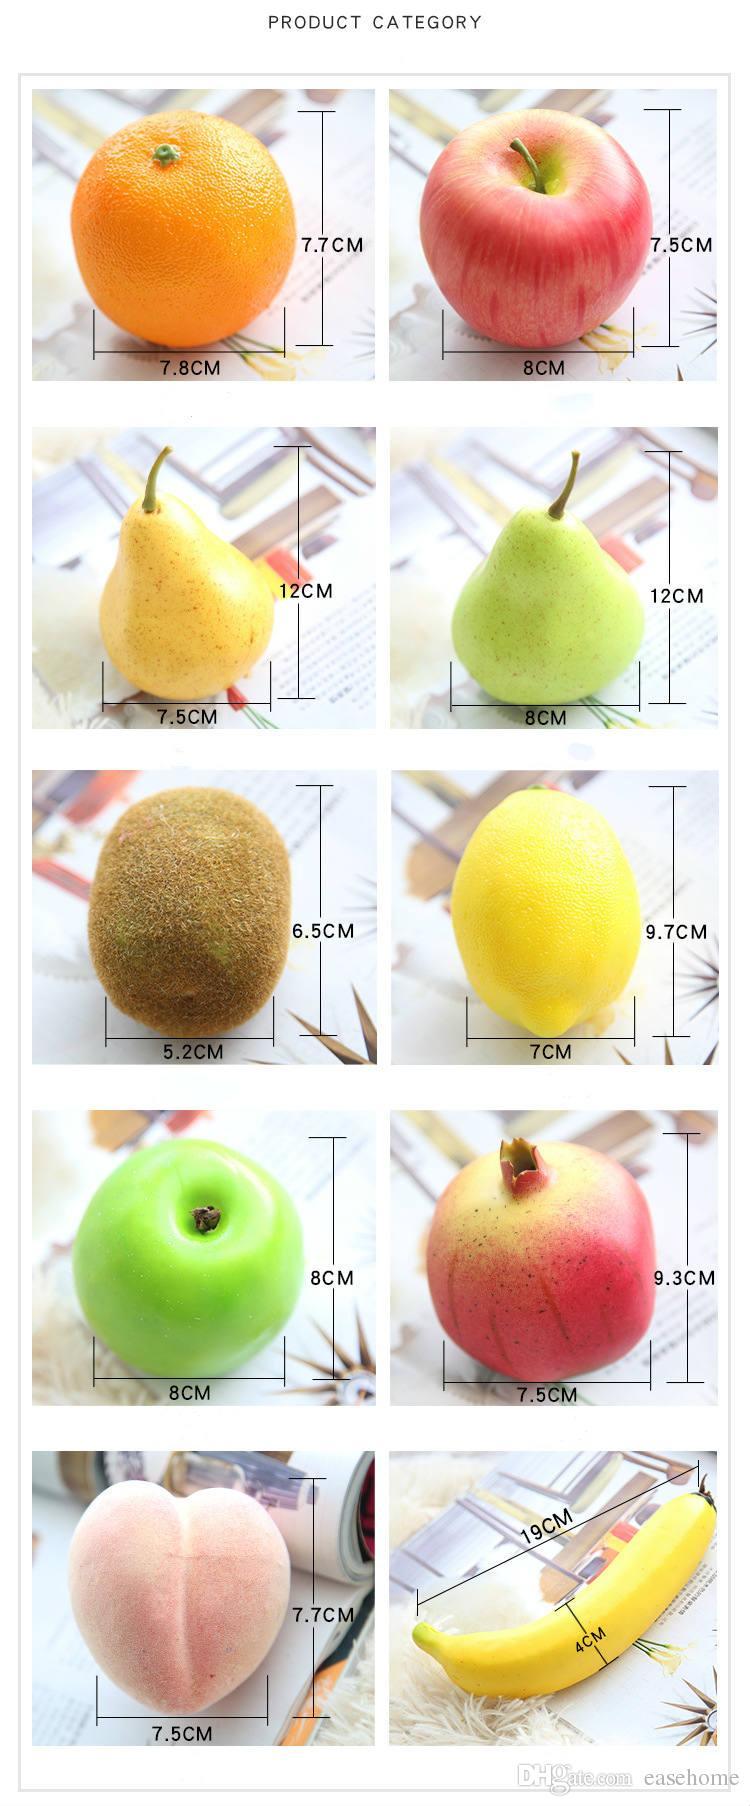 Modelli di frutti a mano fatti a mano modelli di kiwi banana banana pesca mela limone la decorazione di casa negozi supermercati asilo nido